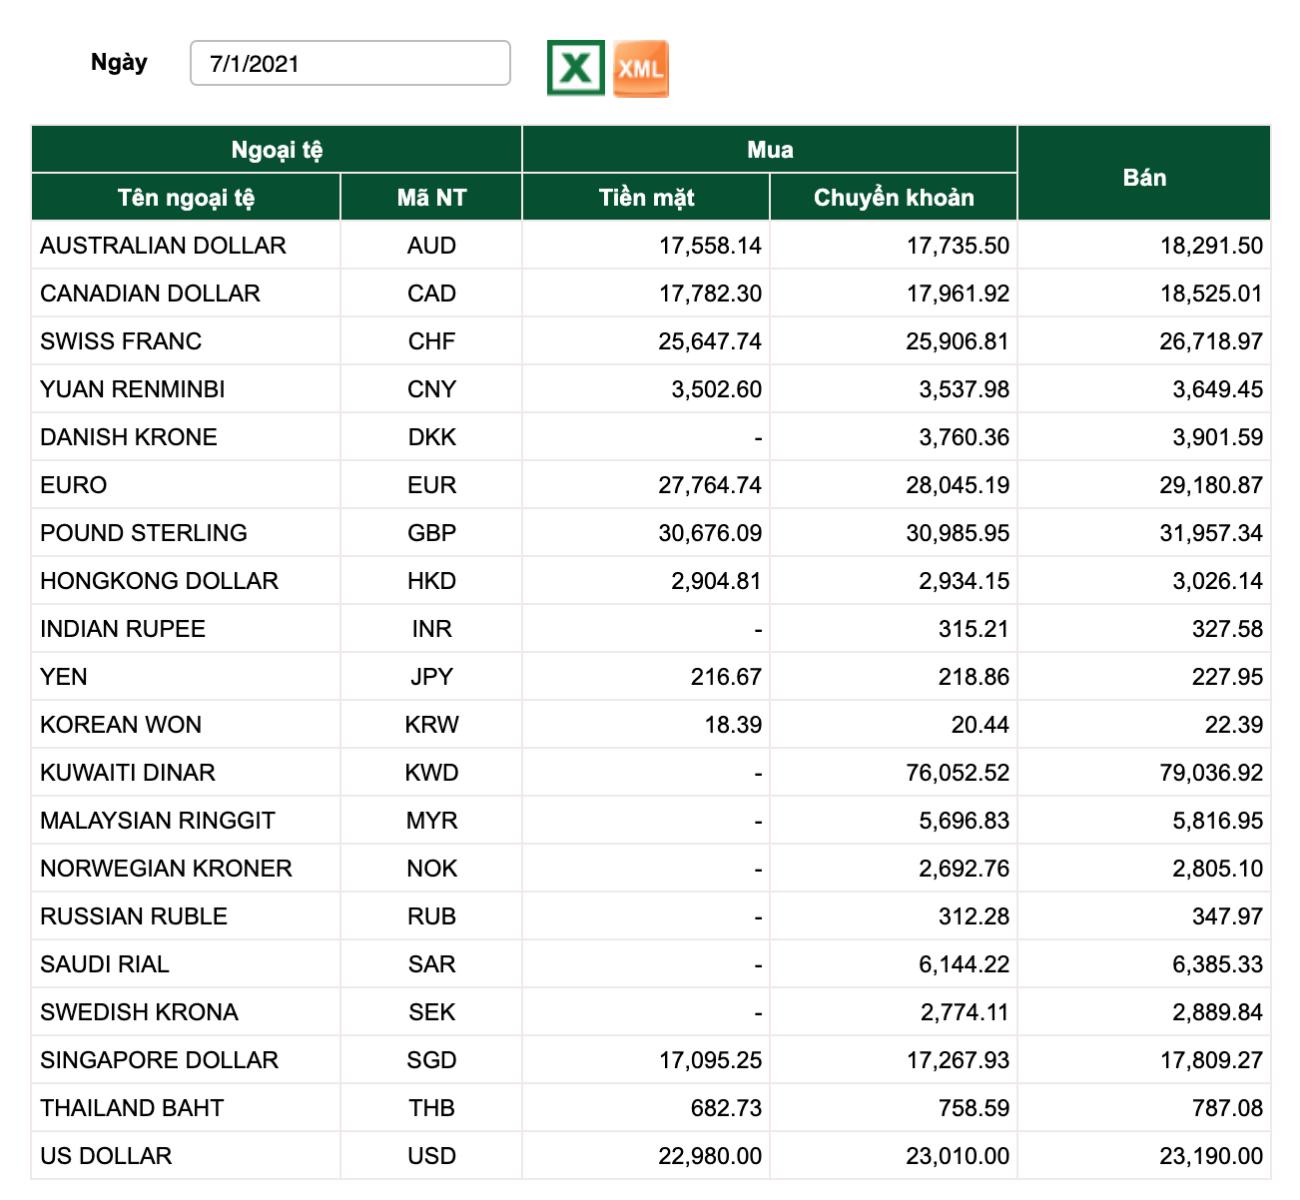 Tỷ giá Vietcombank hôm nay 7/1: Đồng Euro tăng mạnh 2 phiên liên tiếp